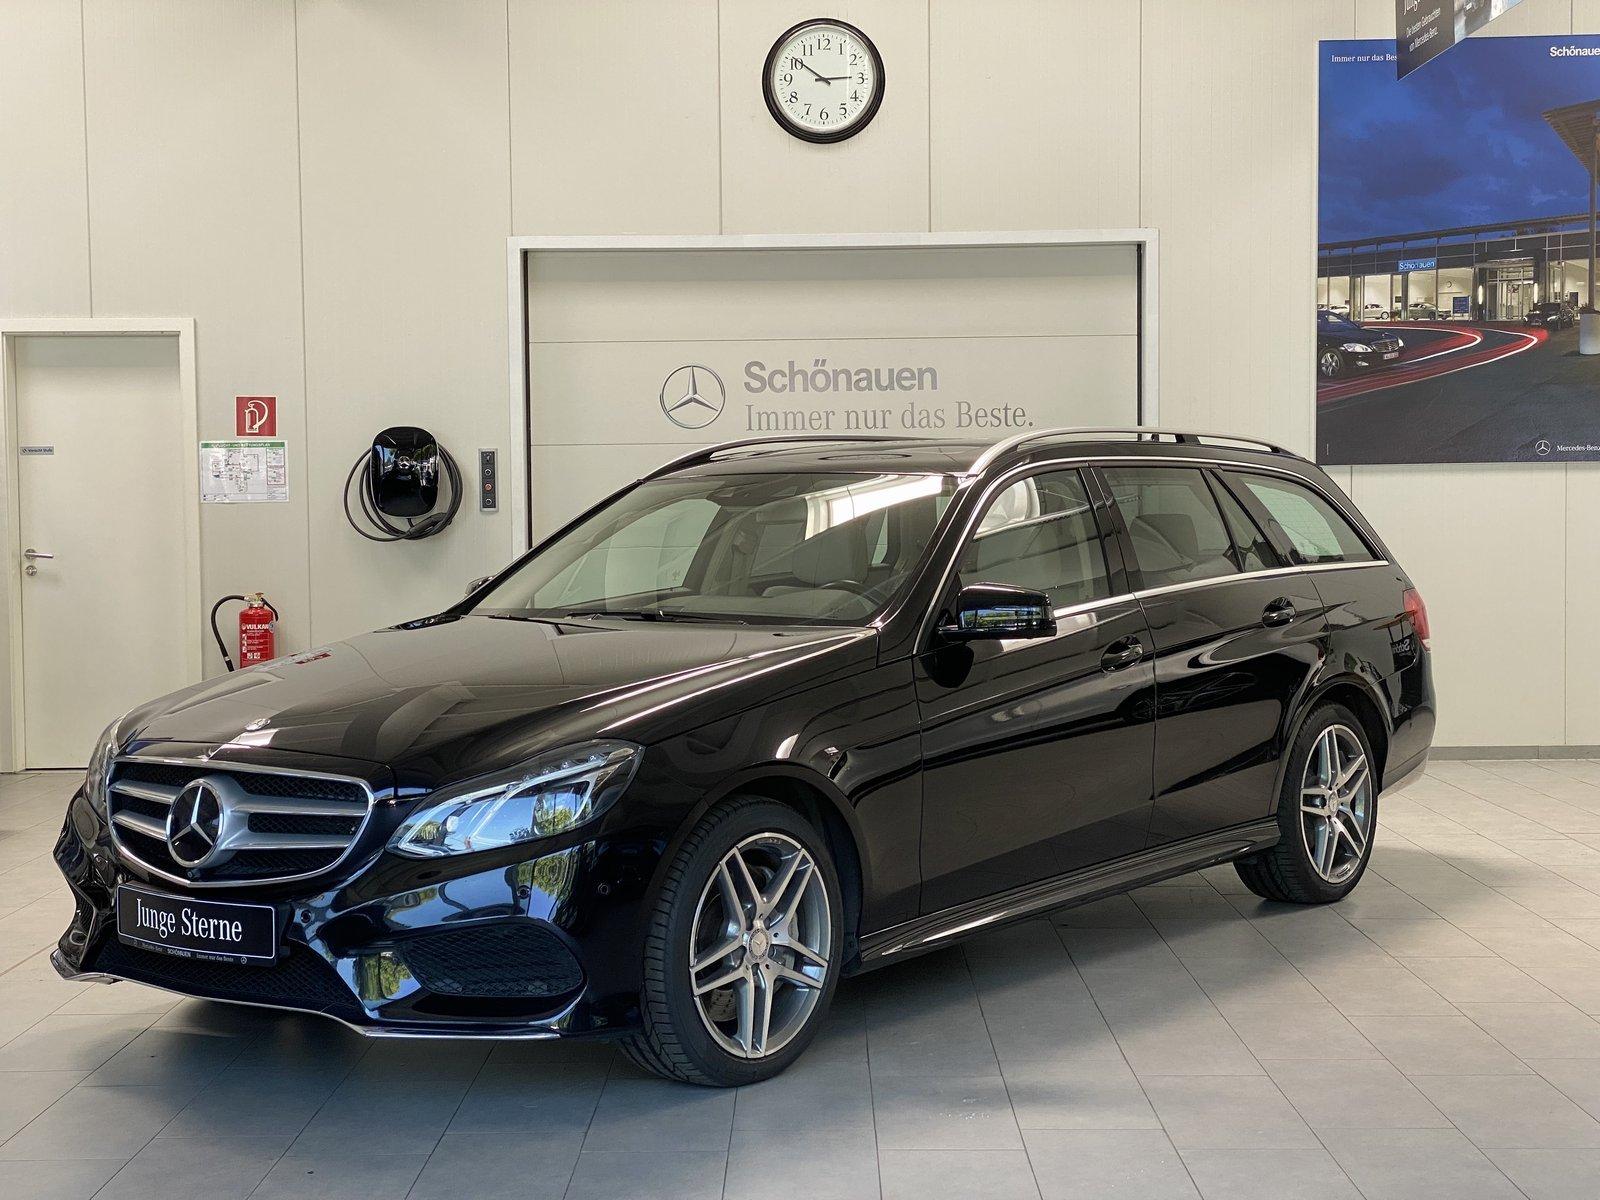 Mercedes-Benz E 500 4M T AMG+AHK+AIRMATIC+HARMAN+DISTRONIC+SHD, Jahr 2016, Benzin